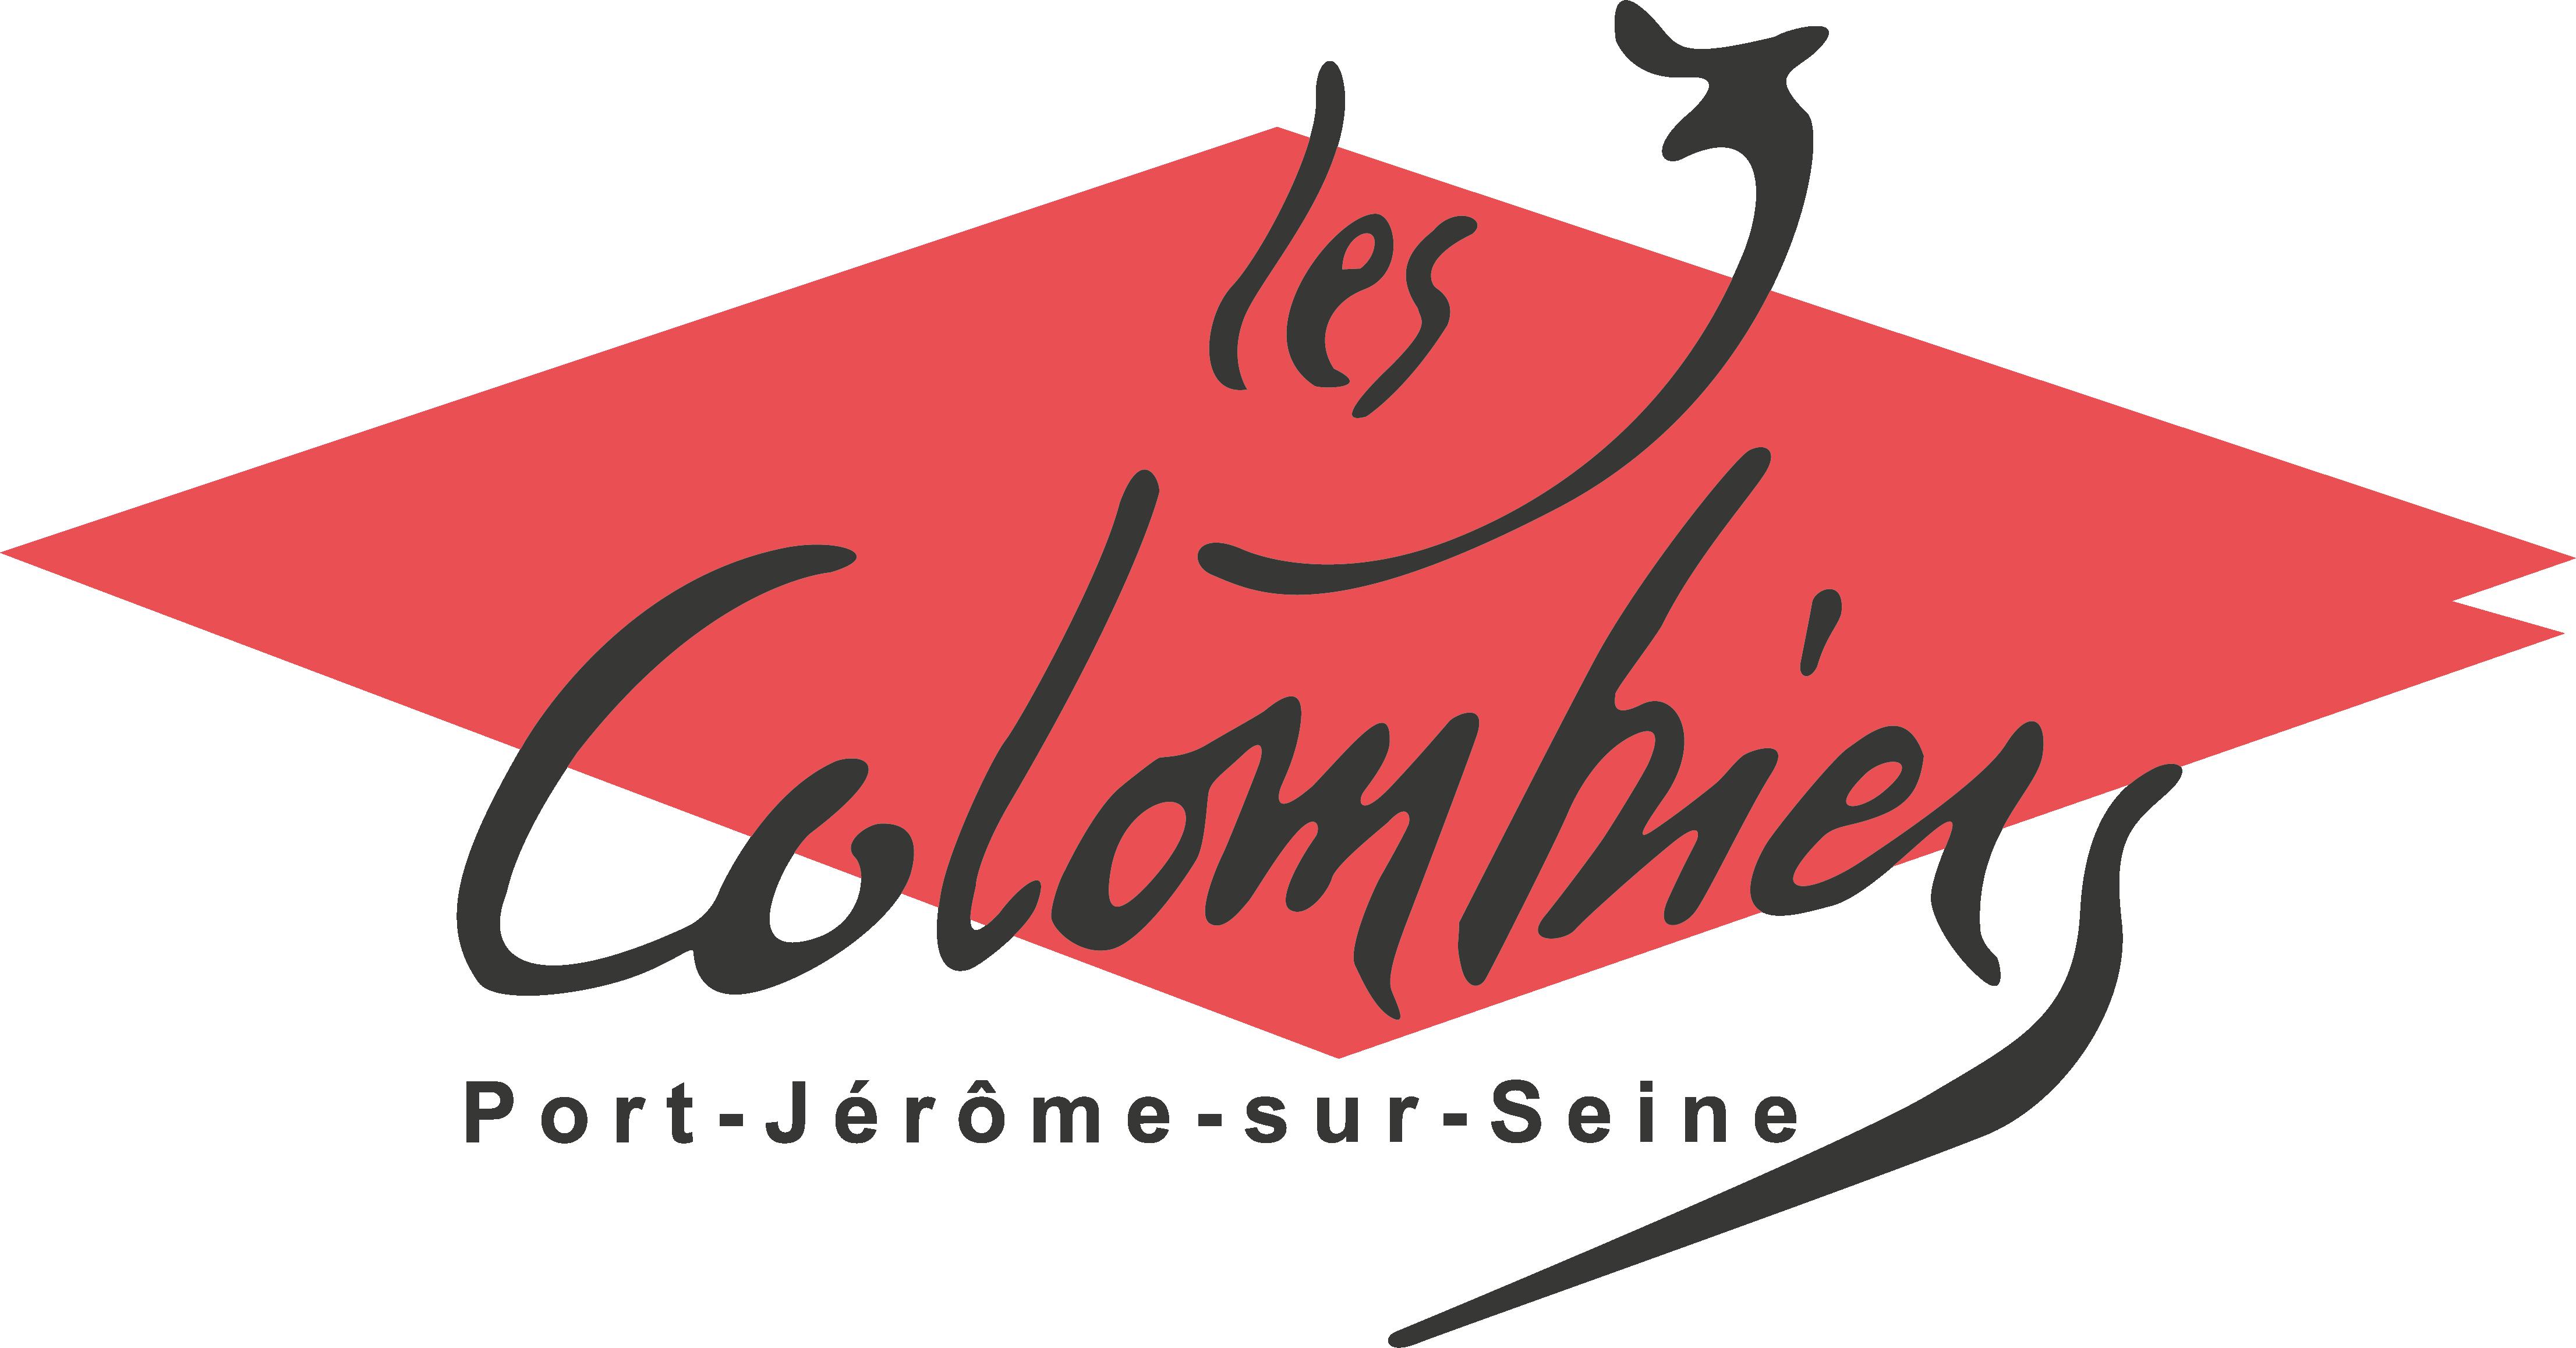 Les 3 Colombiers - Ville de Notre-Dame-de-Gravenchon